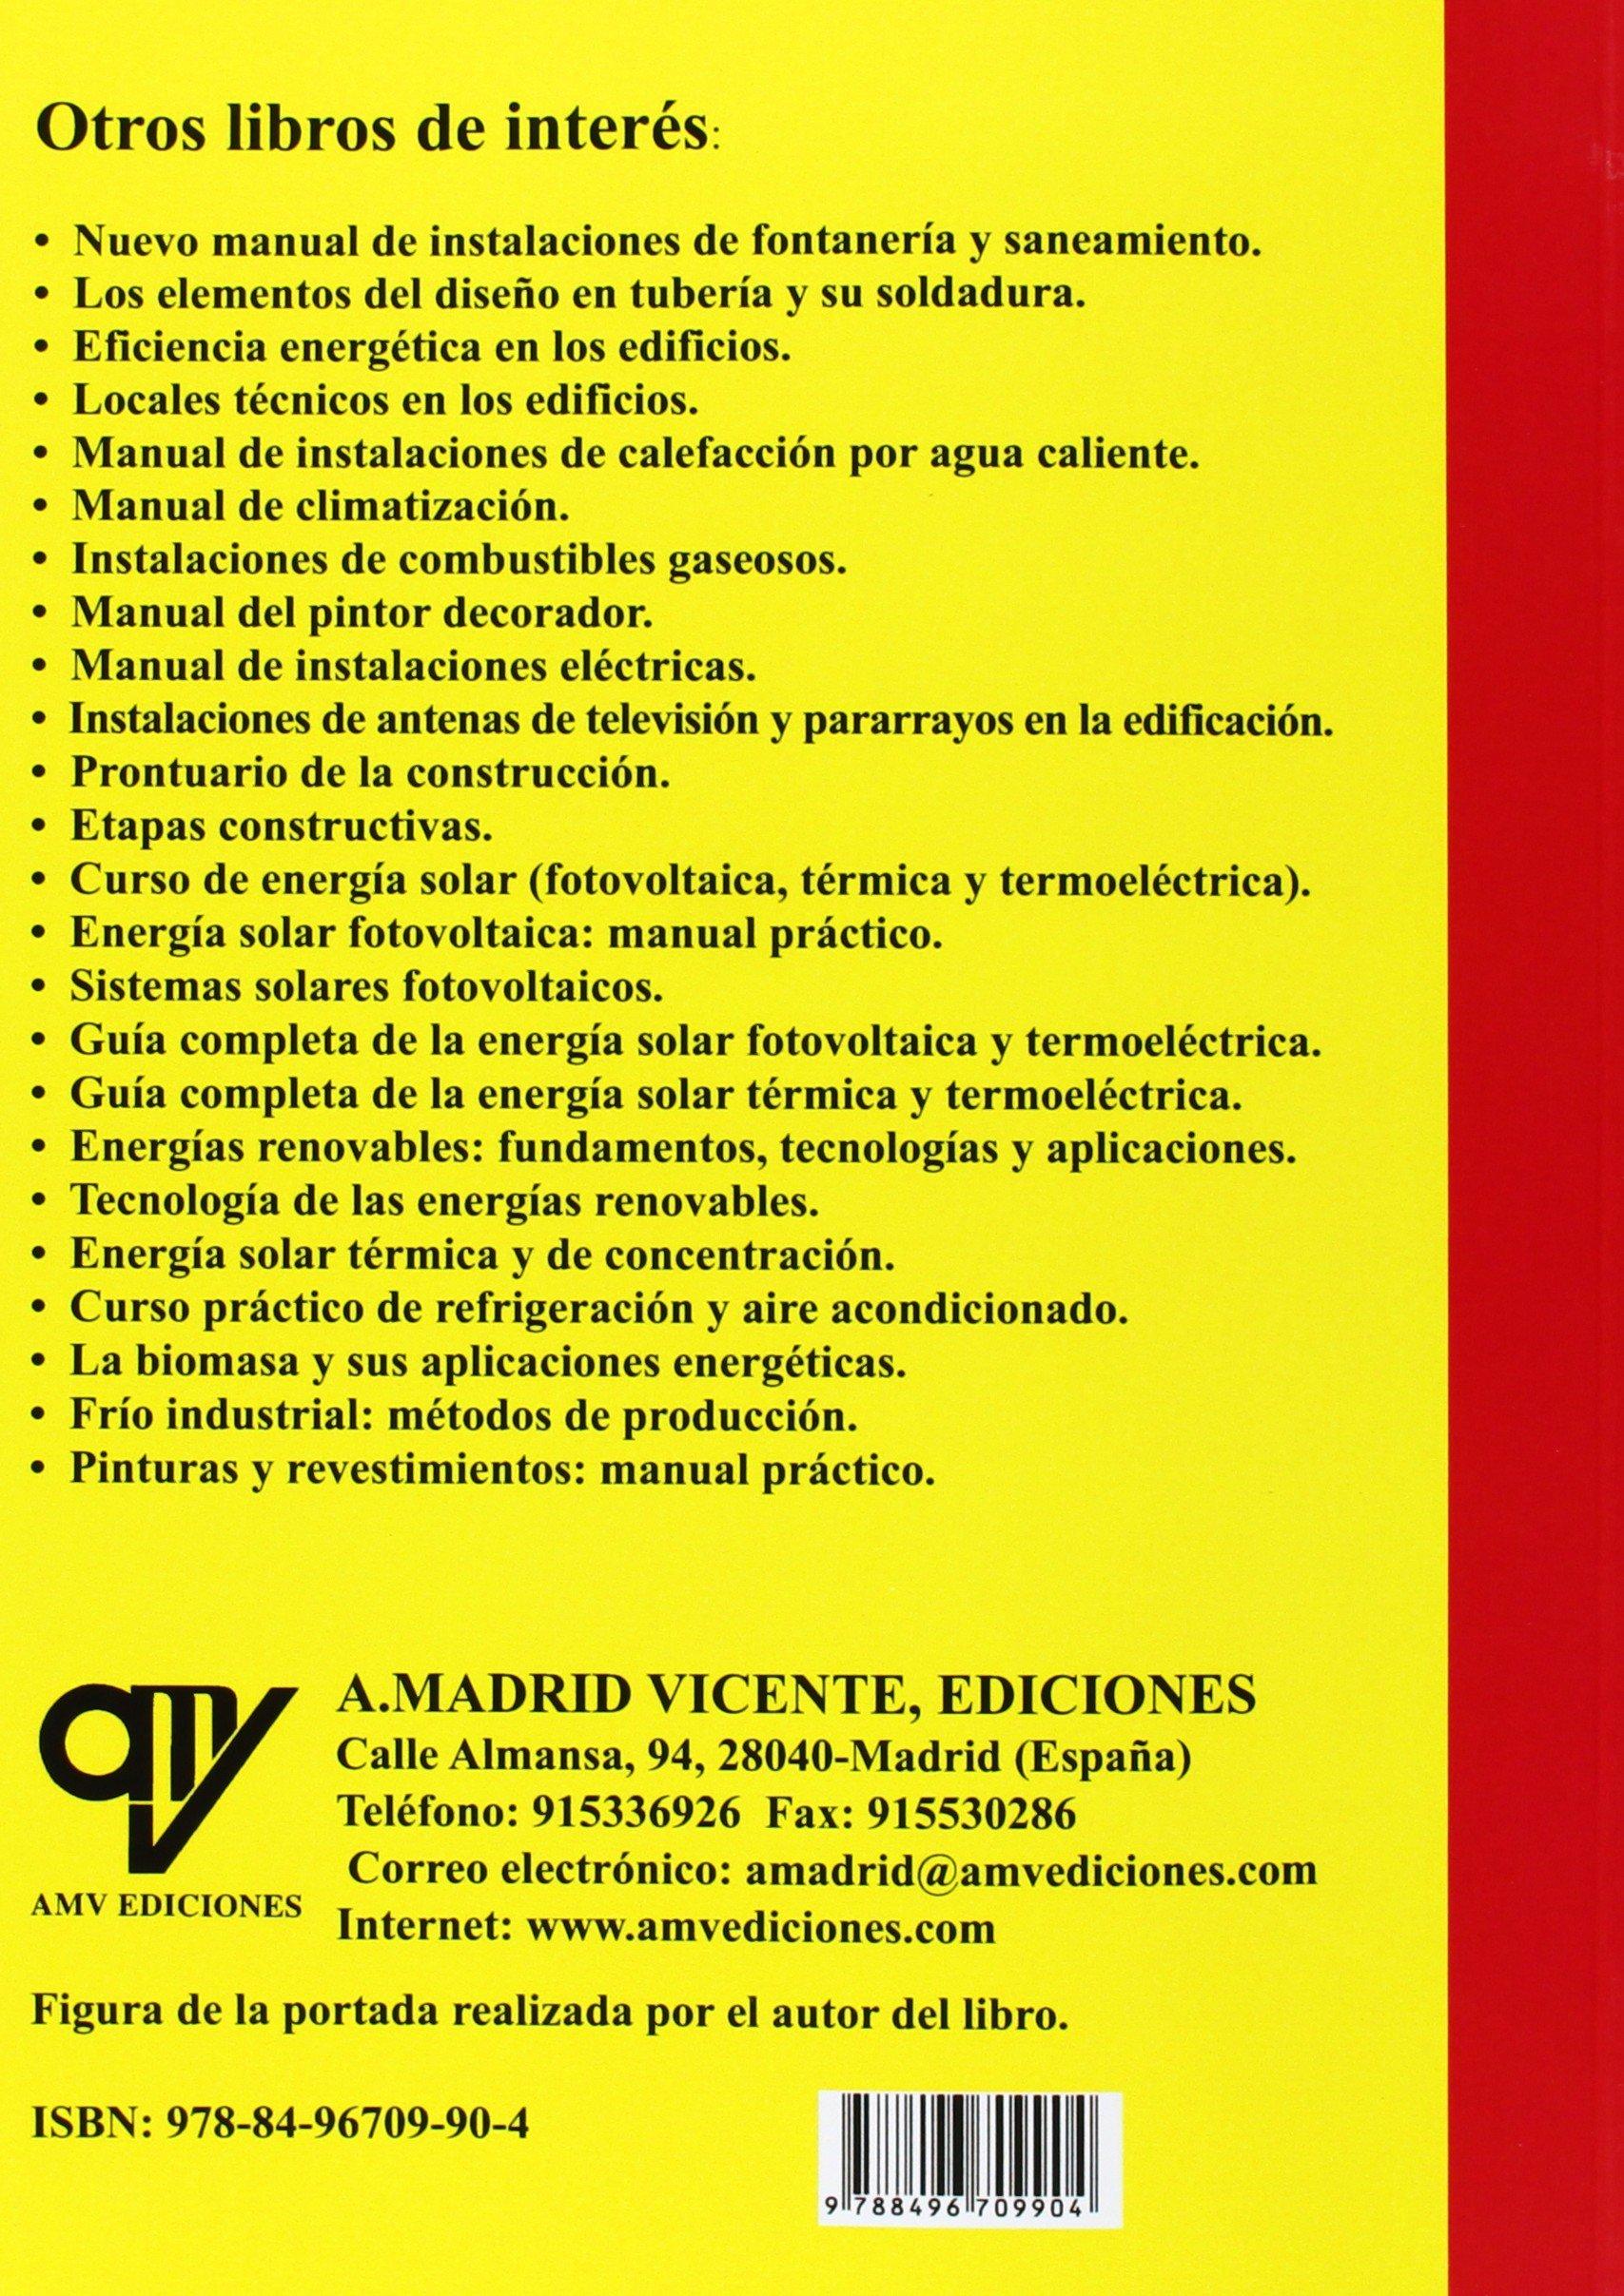 Manual De Soldadura. Ejercicios Prácticos De Soldadura Al Arco: Amazon.es: Serafin Segovia Bautista: Libros